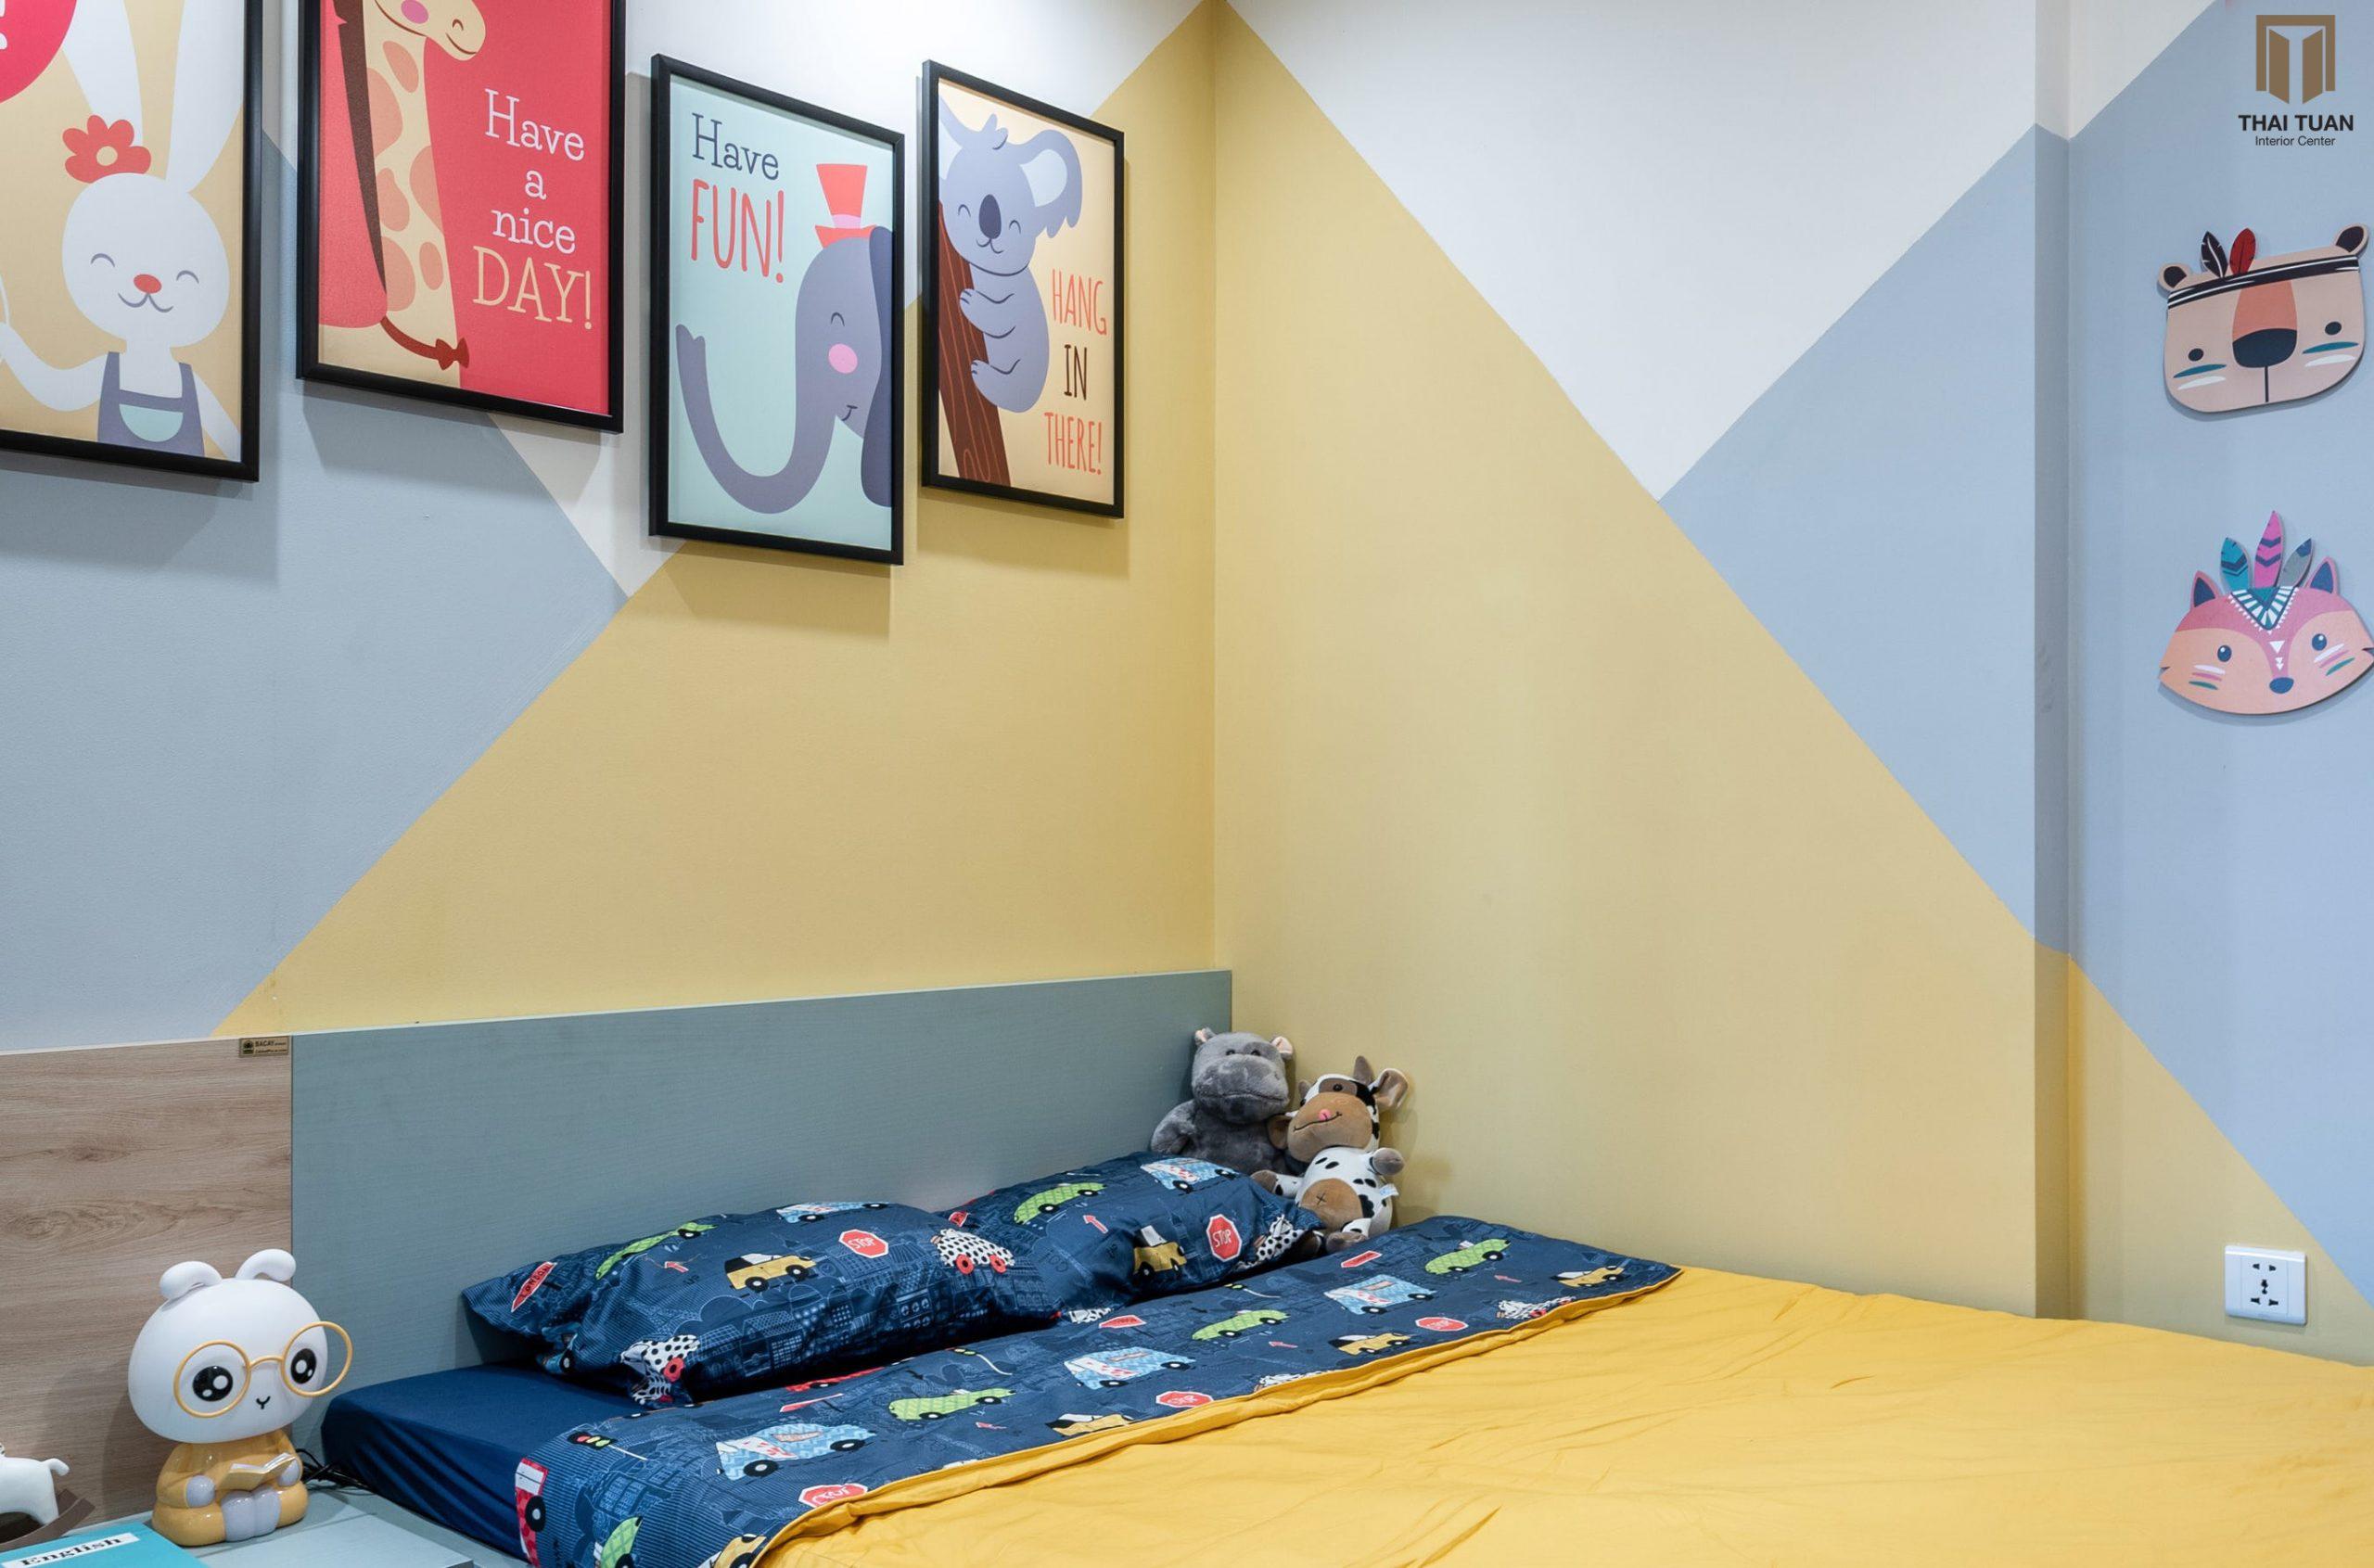 Phòng ngủ cho những ai yêu màu sắc rực rỡ